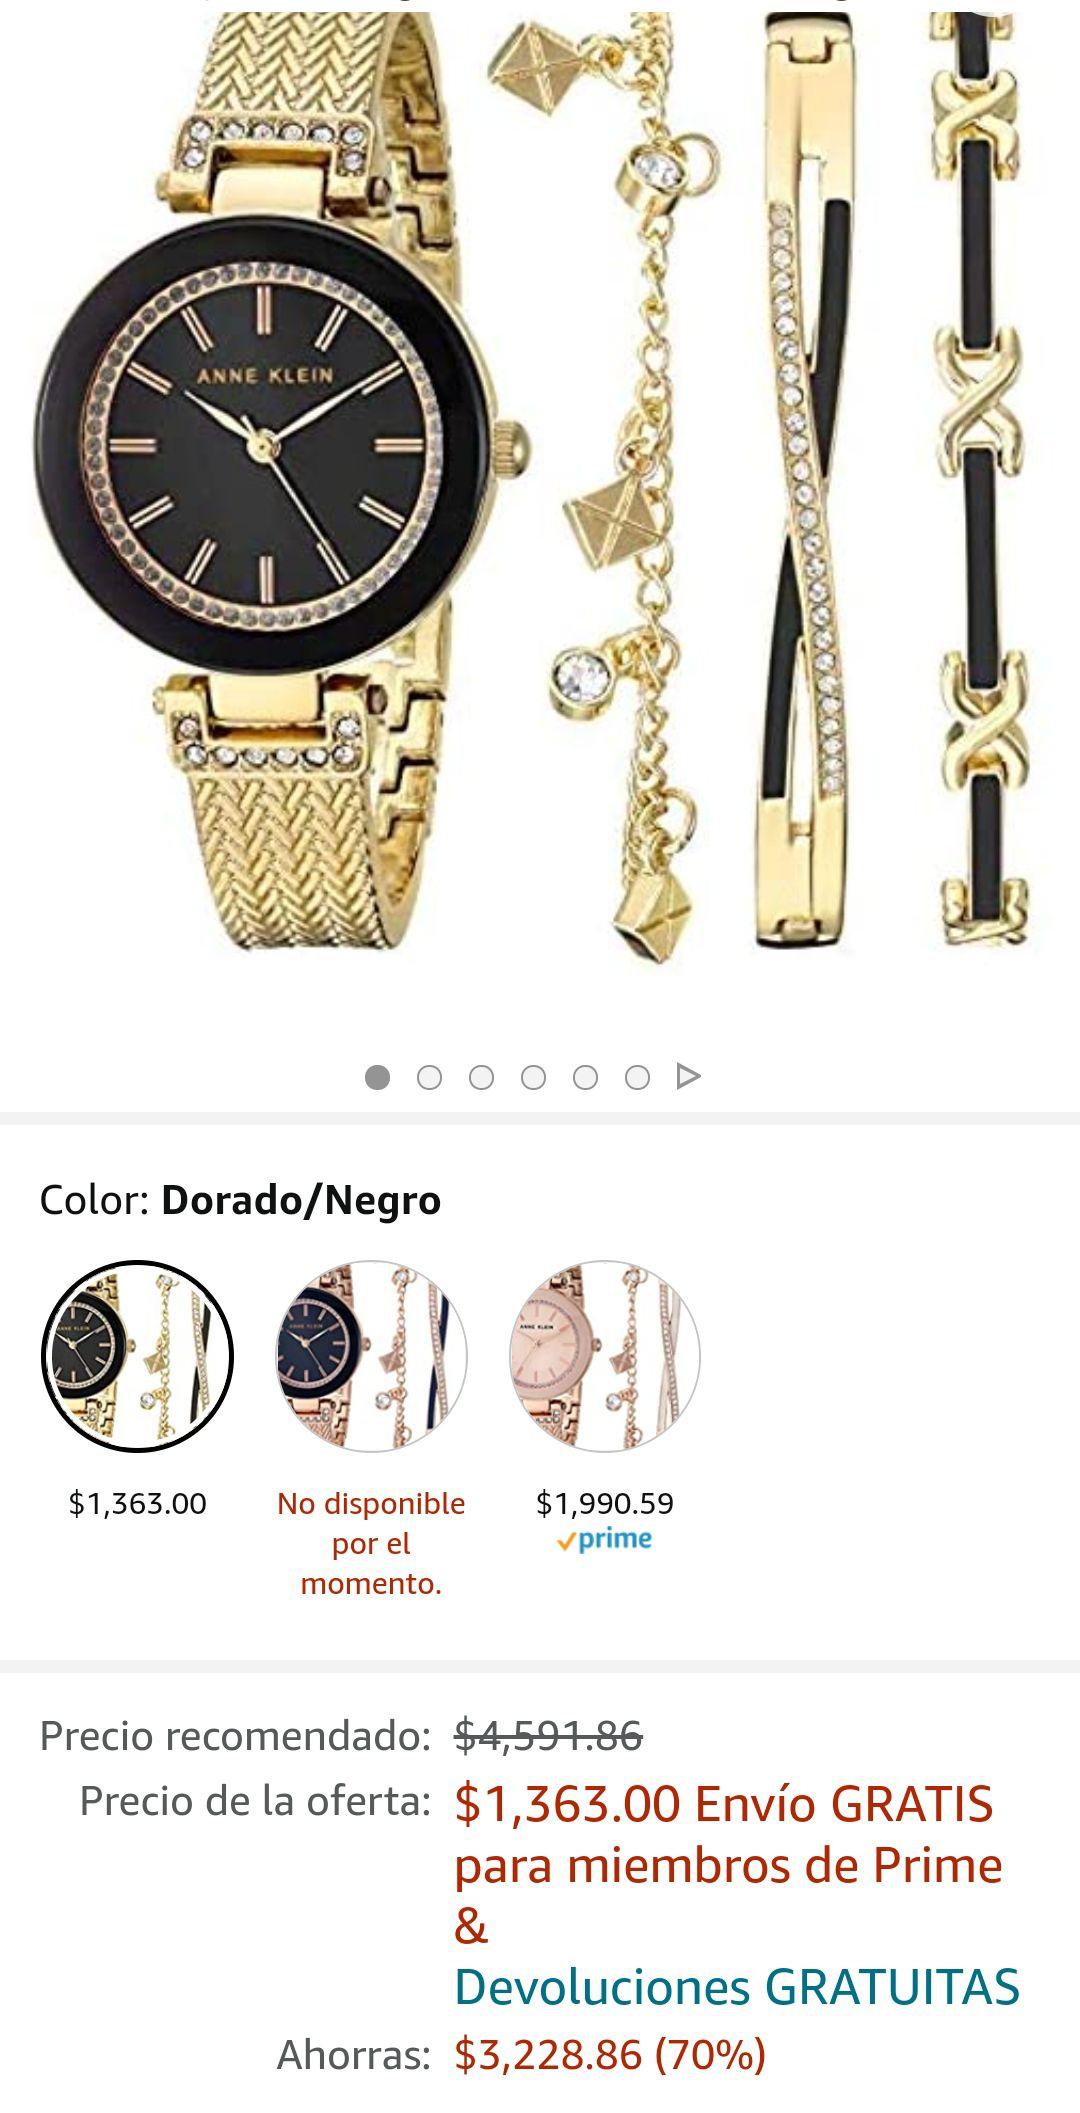 Amazon: Anne Klein AK/3394 - Juego de pulsera y reloj de pulsera con detalles de cristal Swarovski para mujer